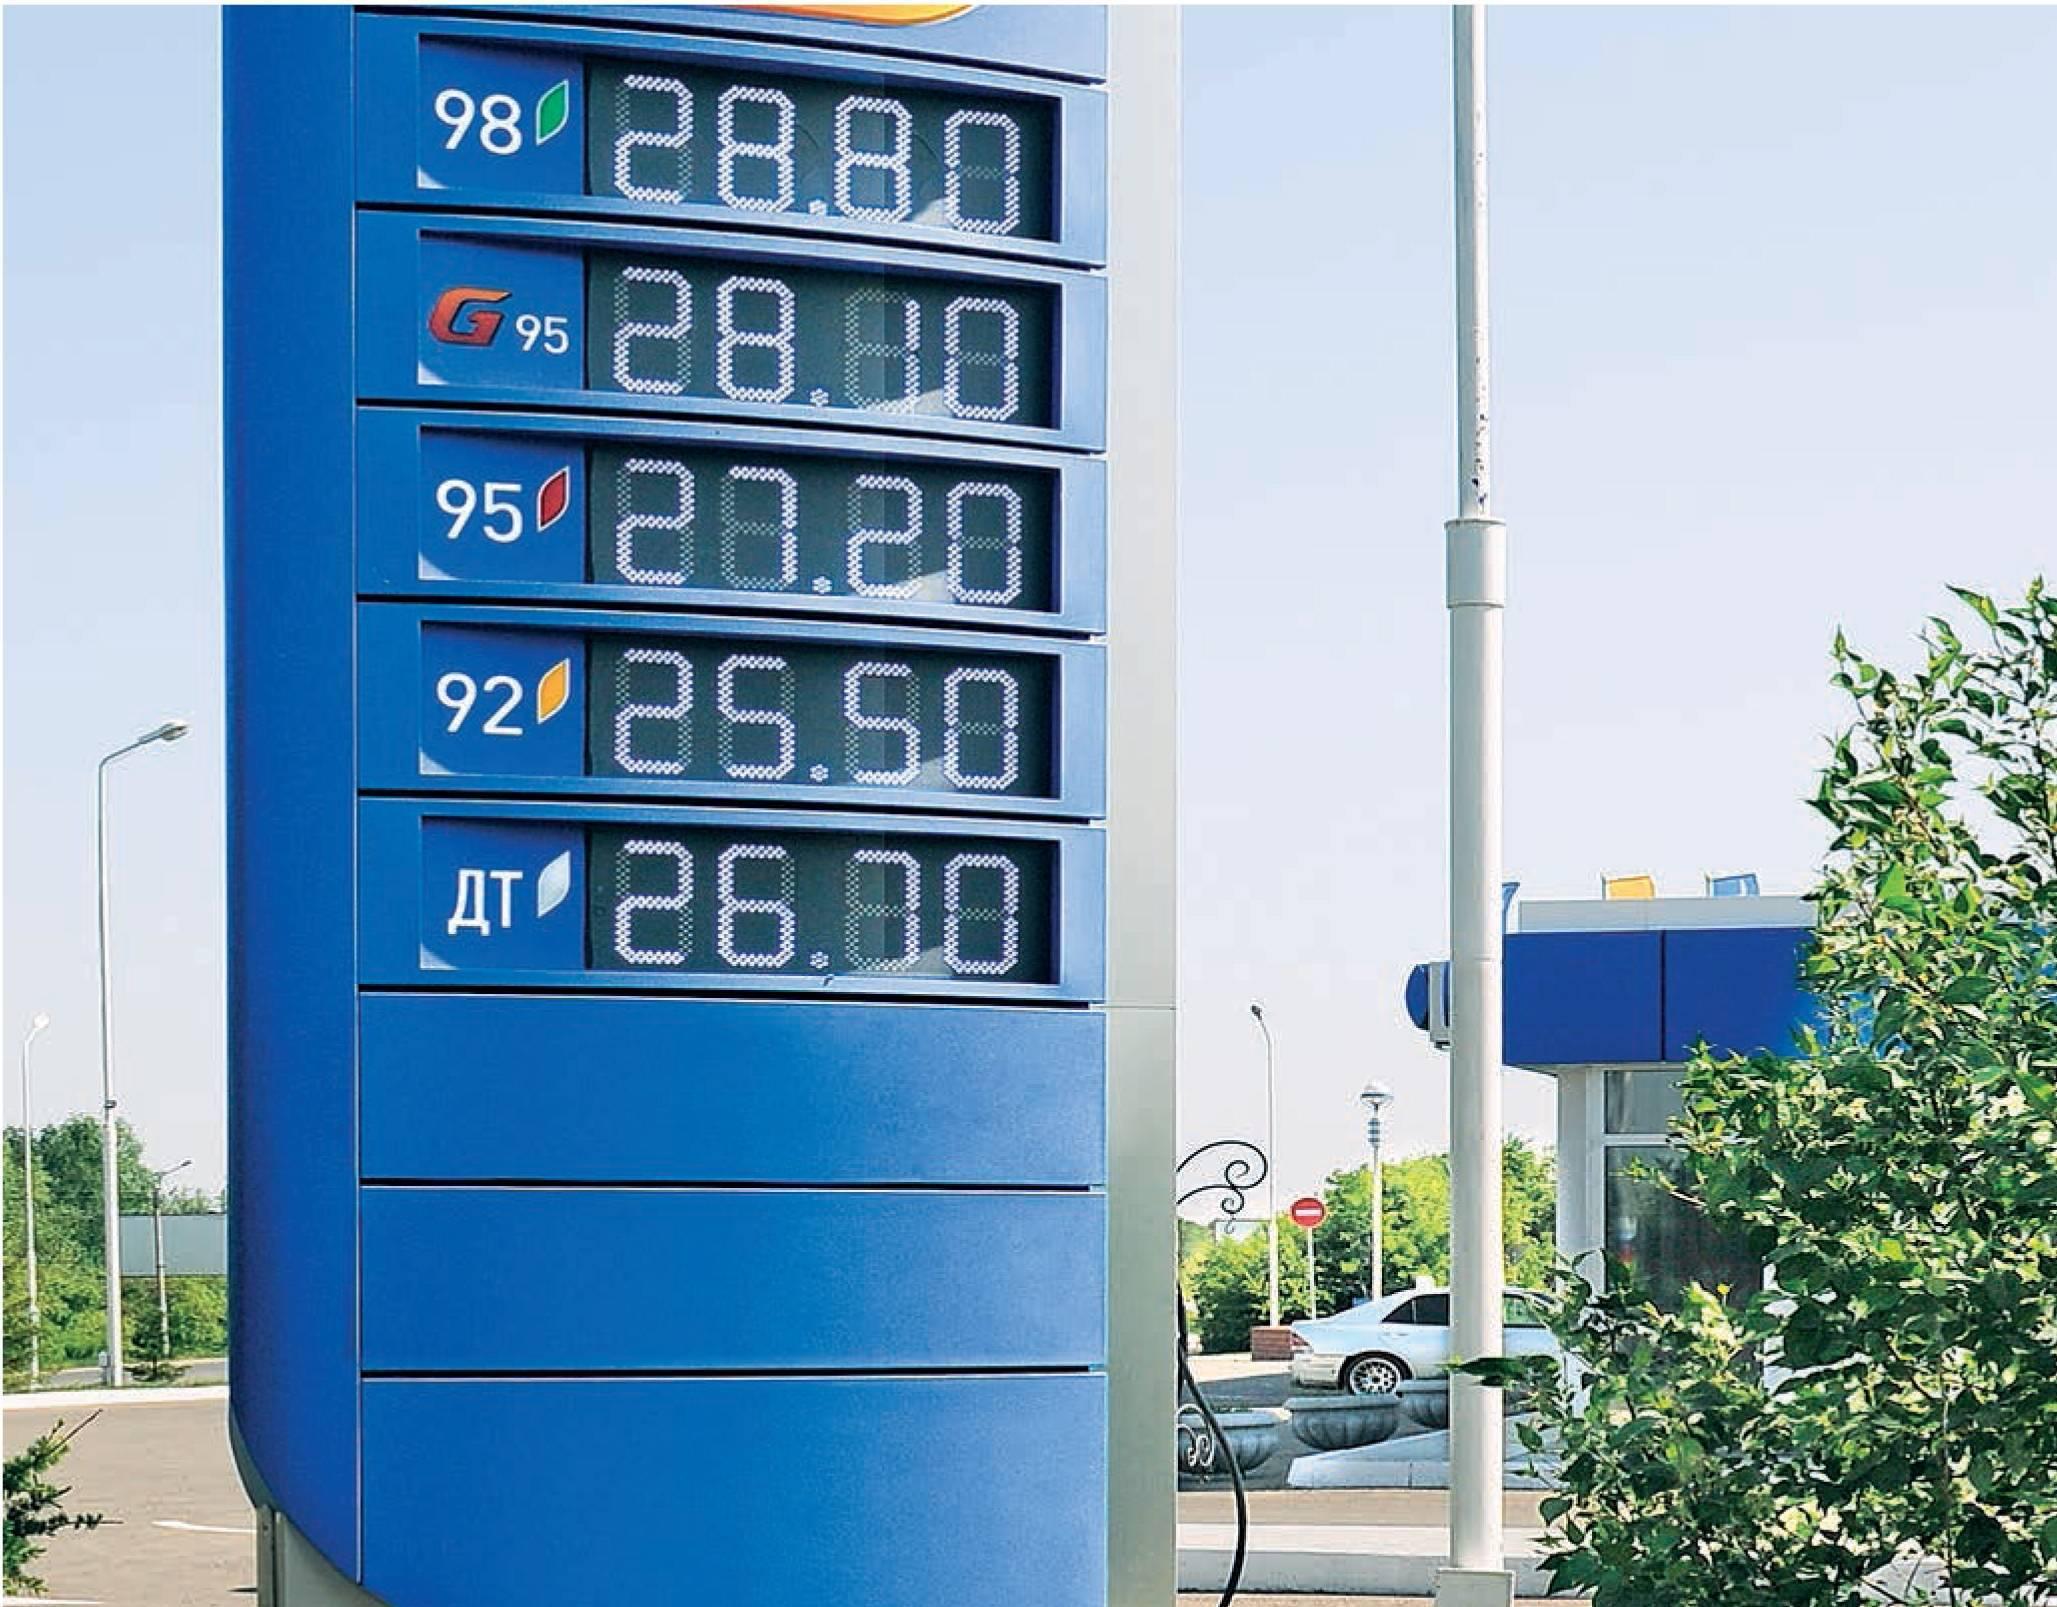 Средняя стоимость бензина в испании